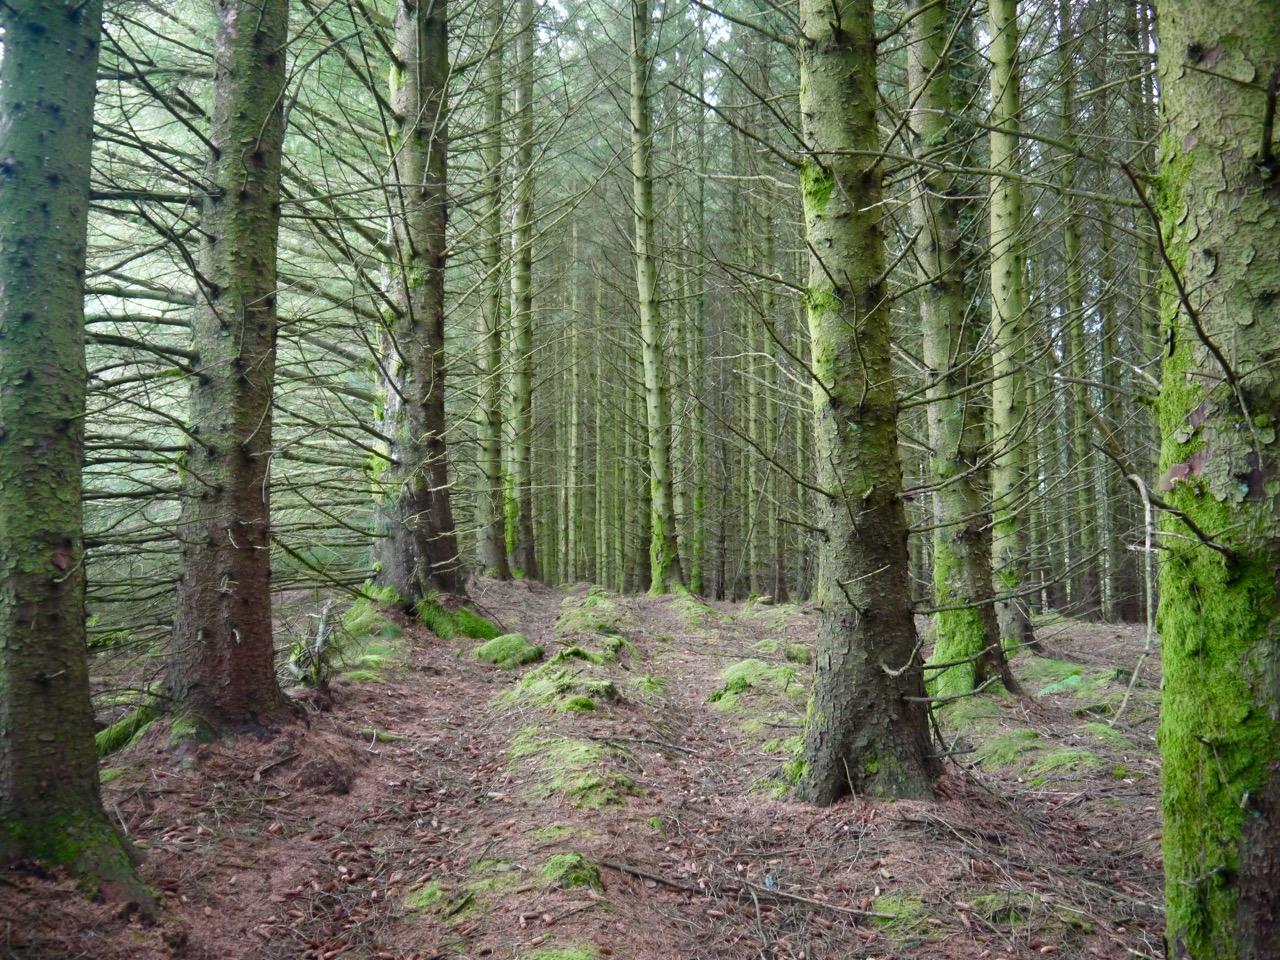 Auchencairn forest